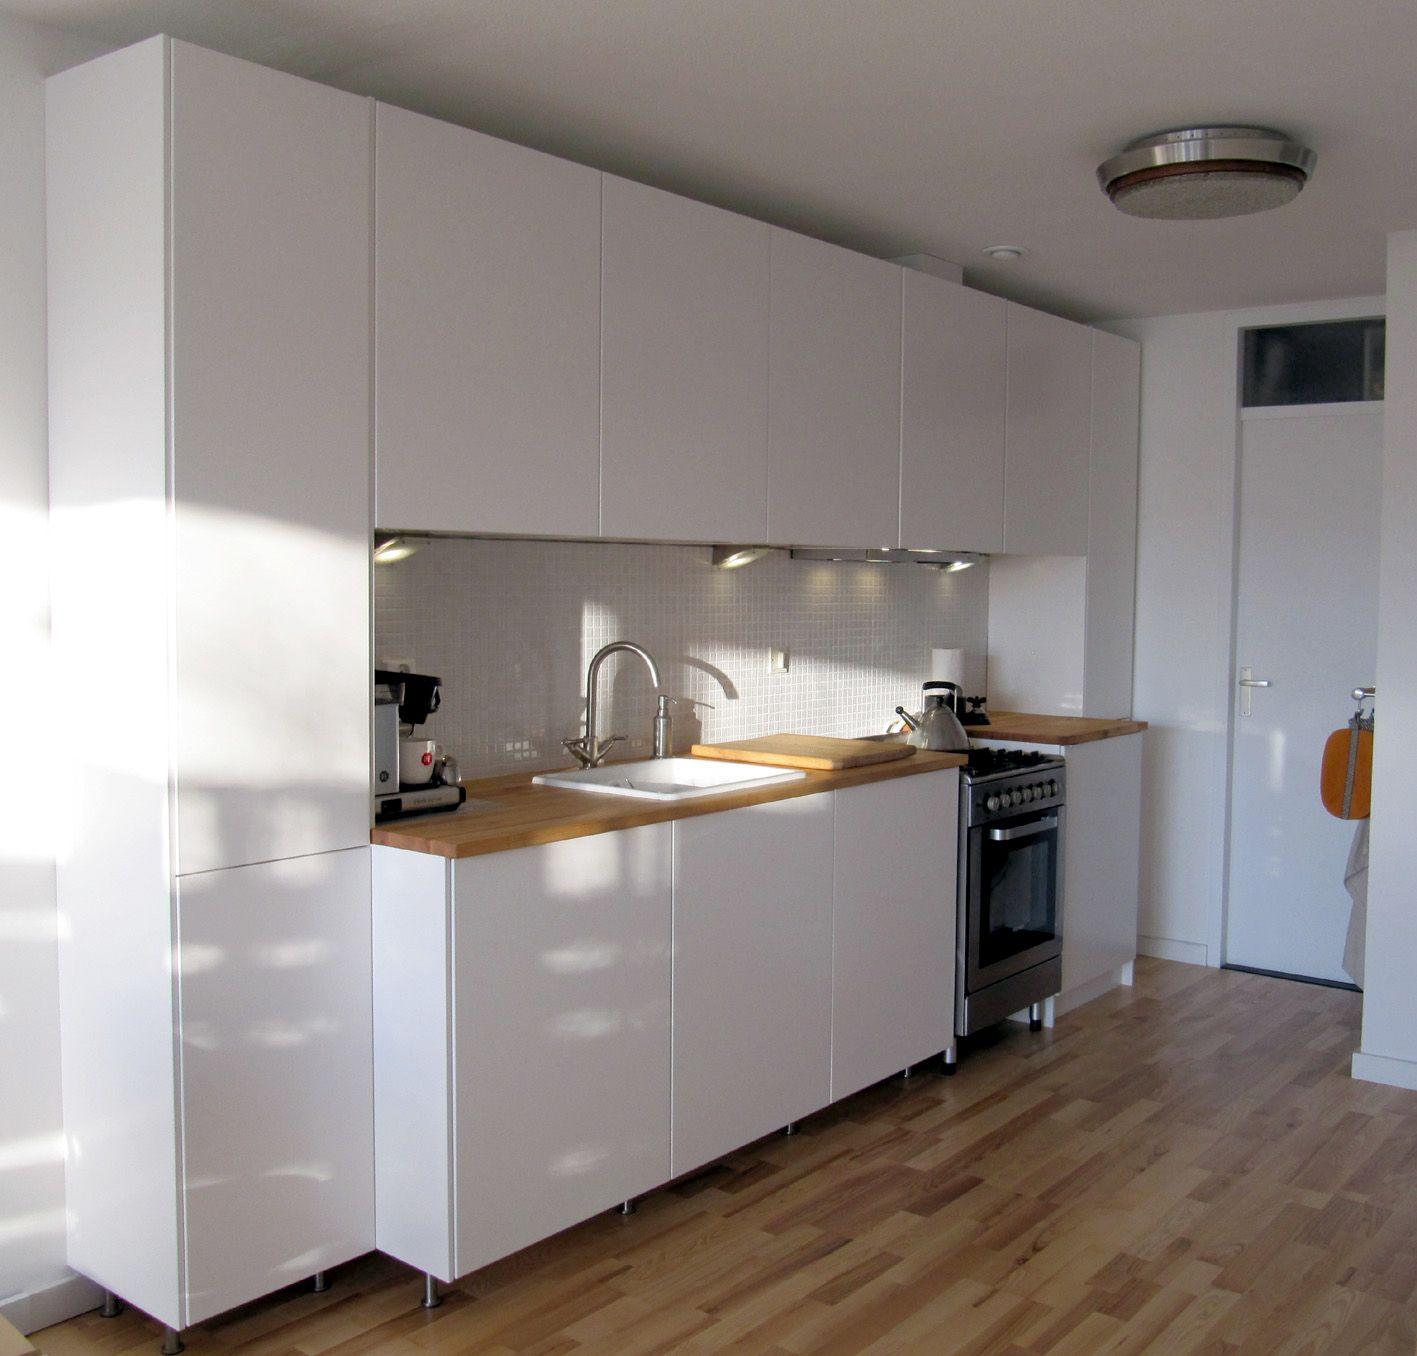 Charmant Ikea Küche Storage Lösungen Uk Fotos - Ideen Für Die Küche ...